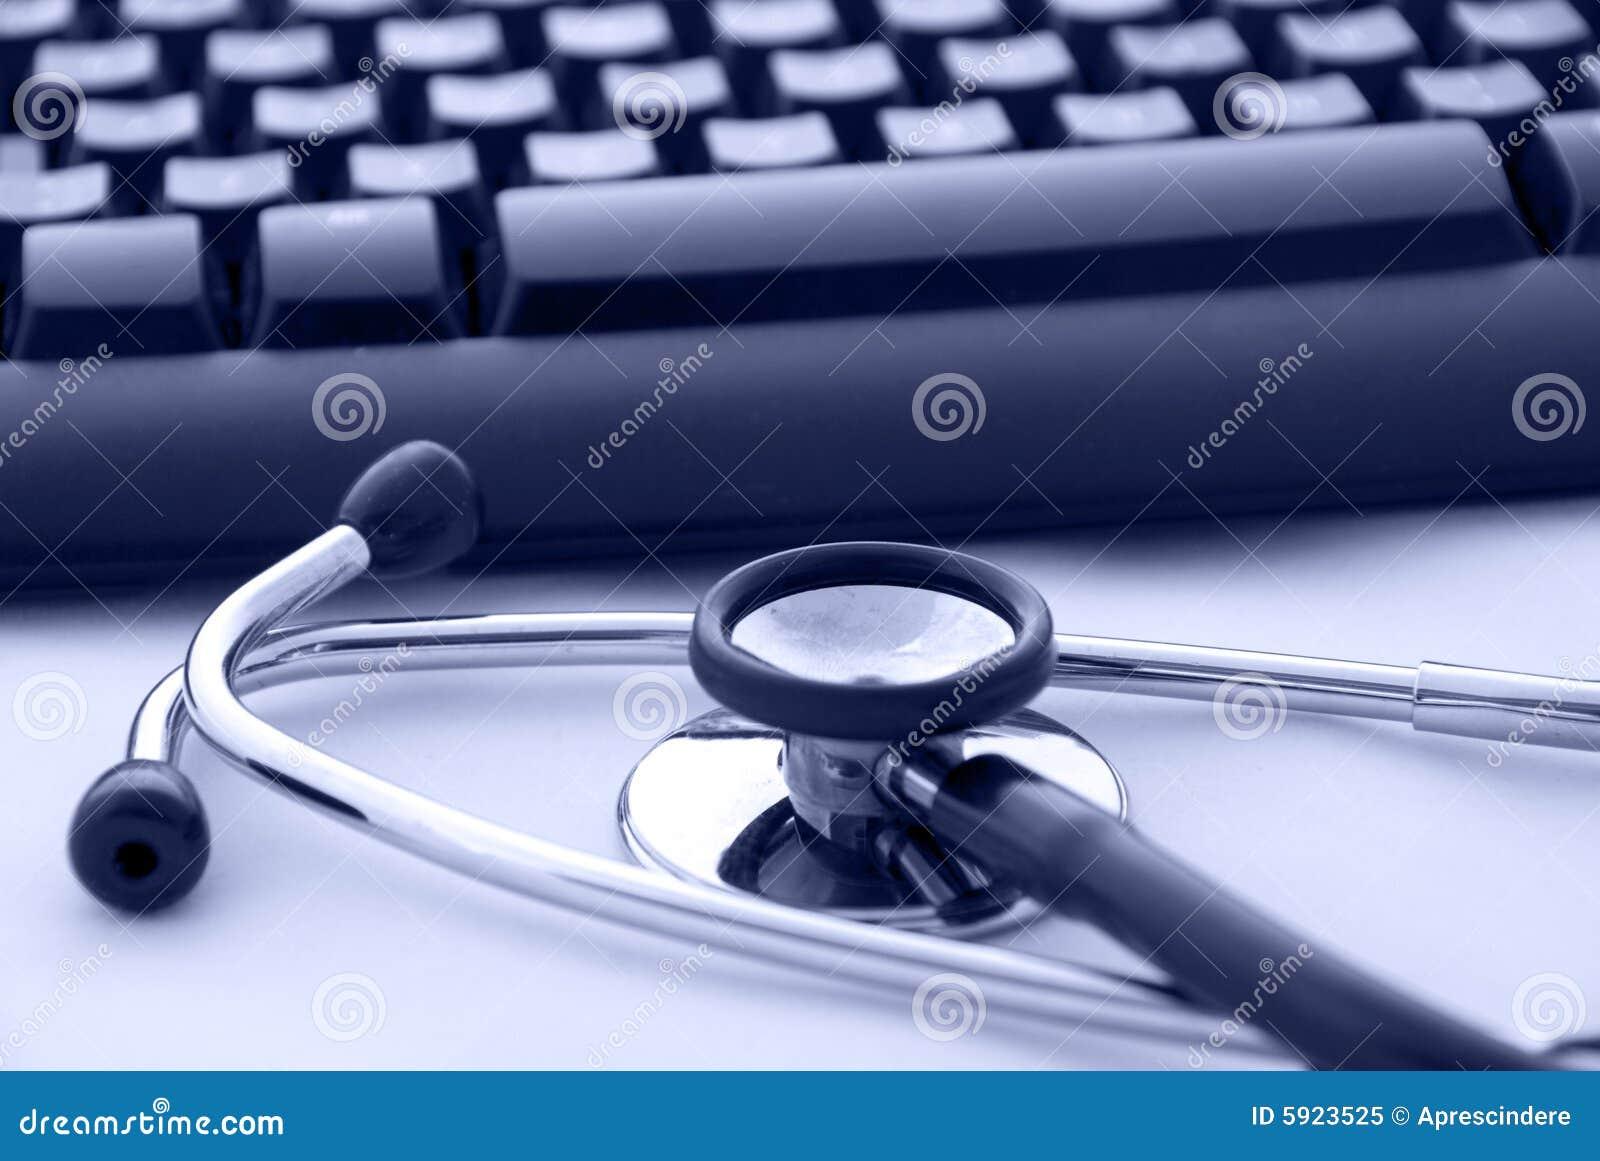 Stethoskop durch eine Computertastatur